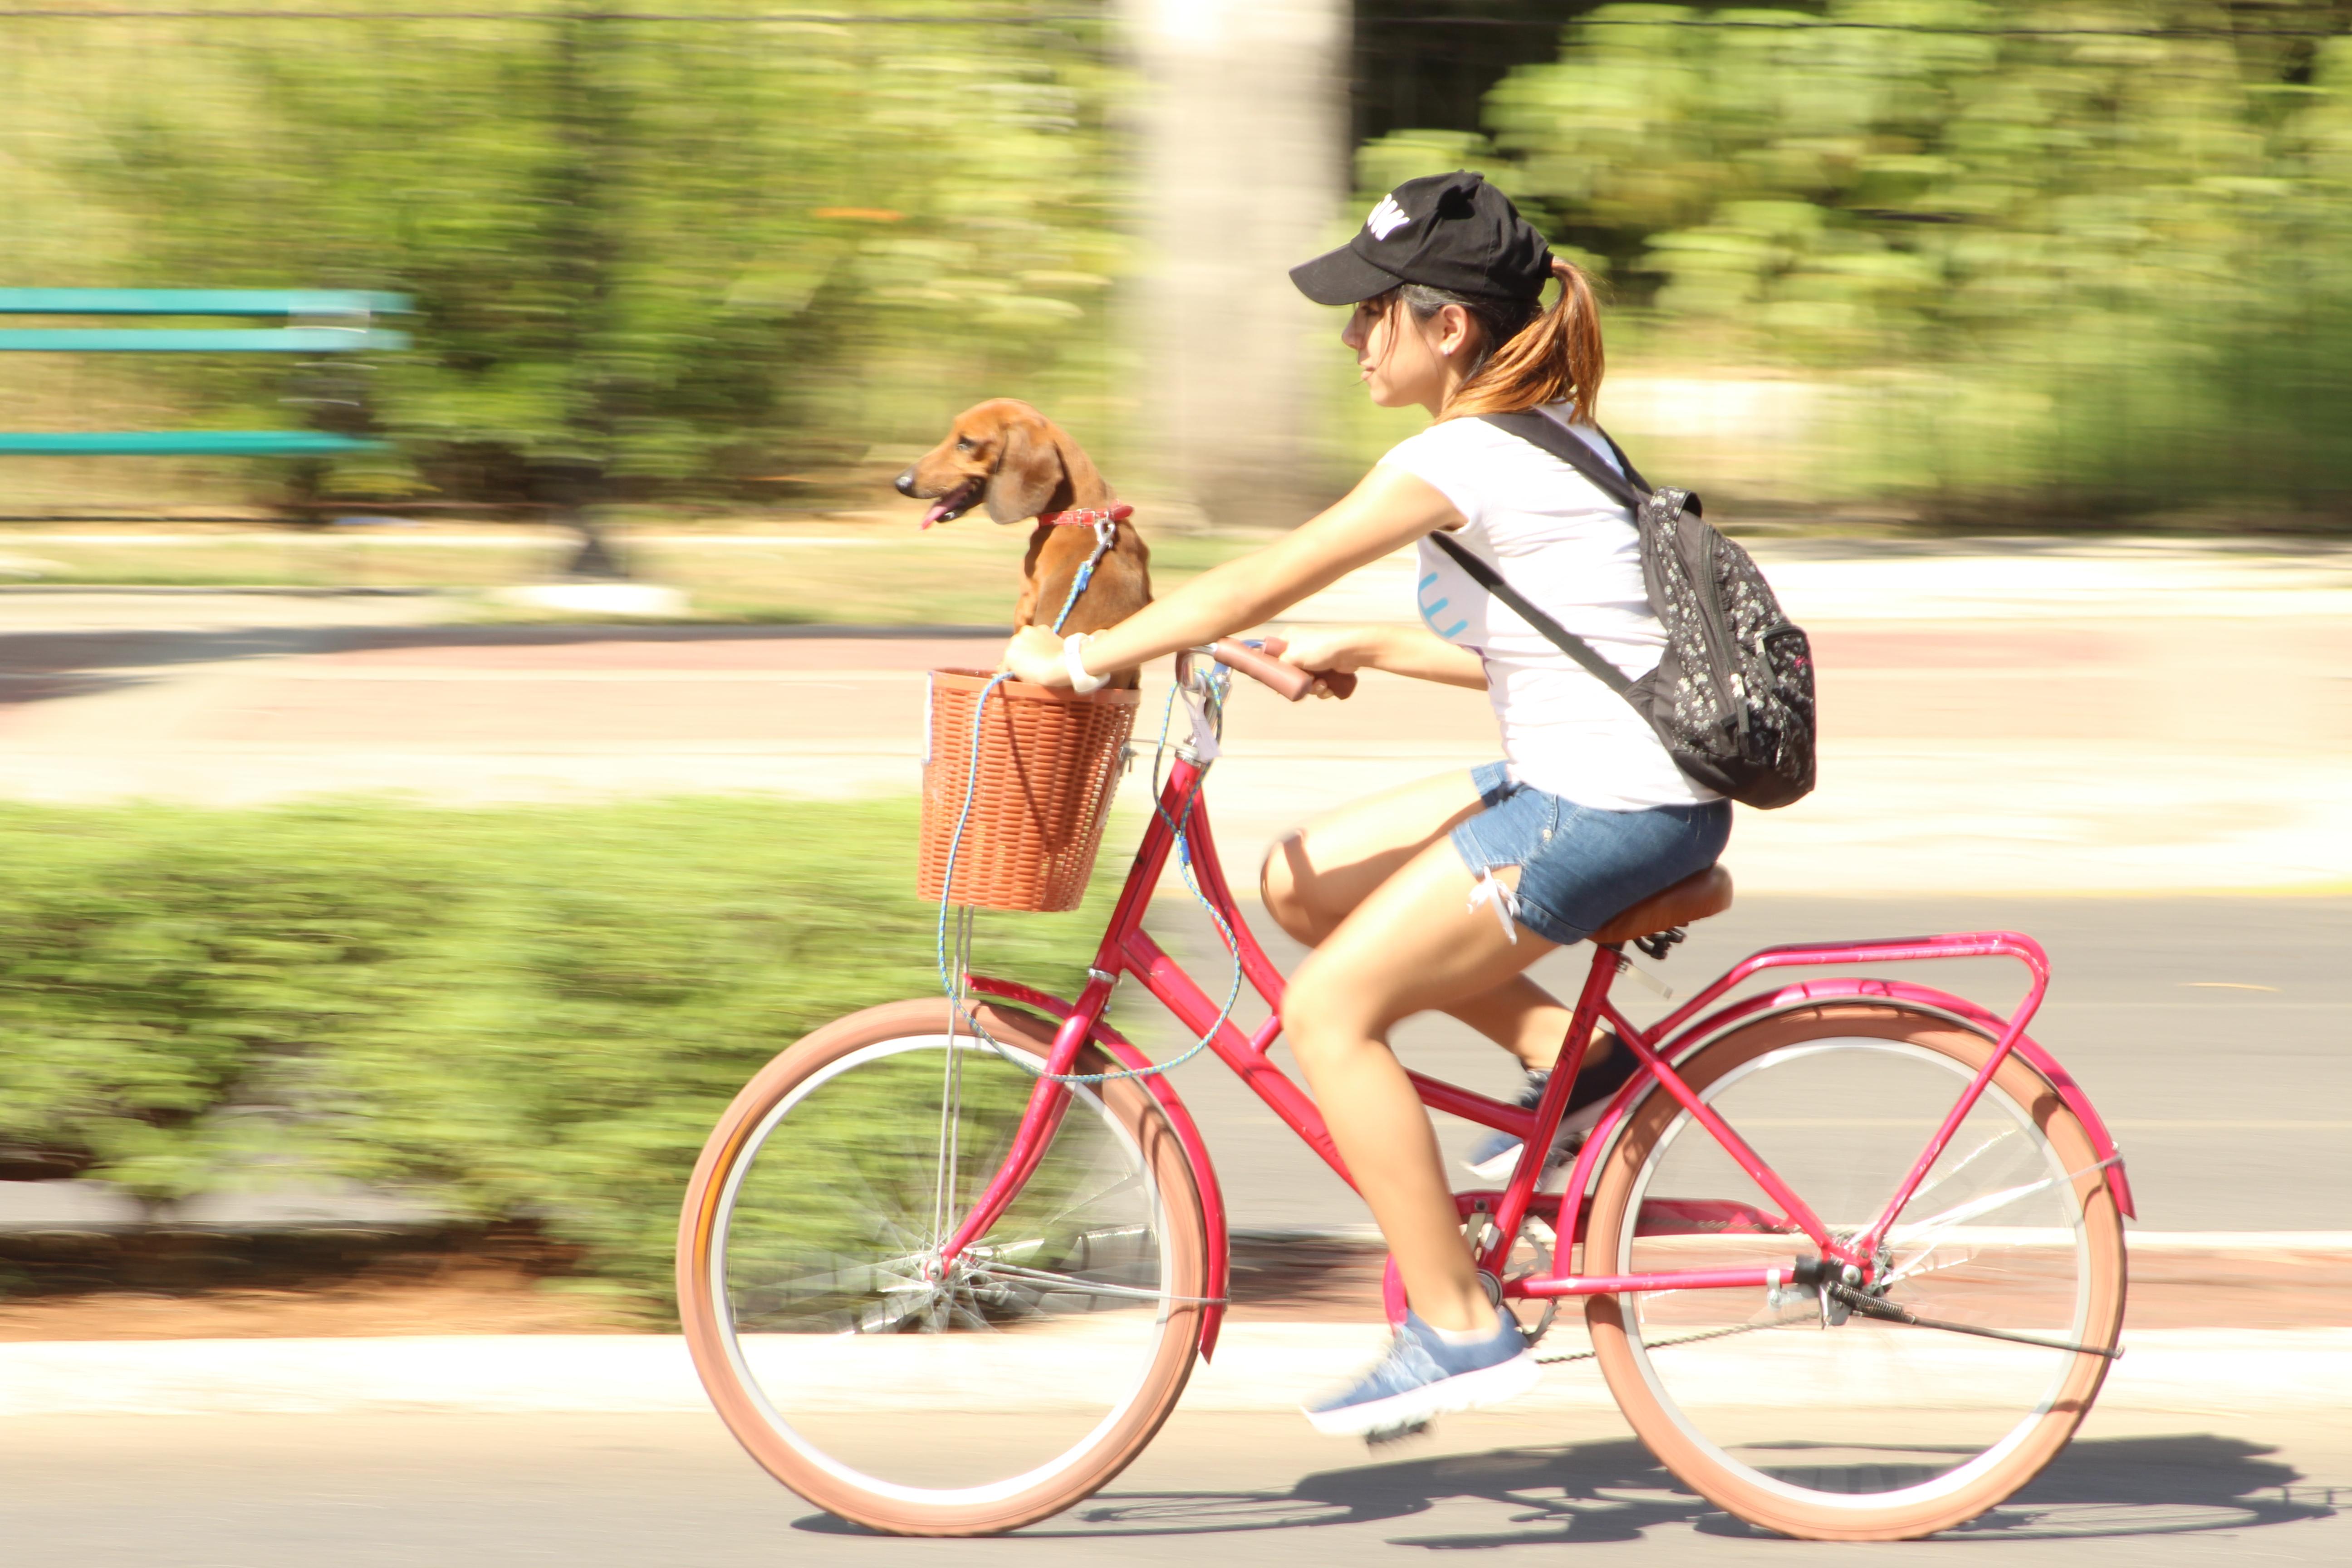 элитного я еду на велосипеде картинки для поэтому еще завершения